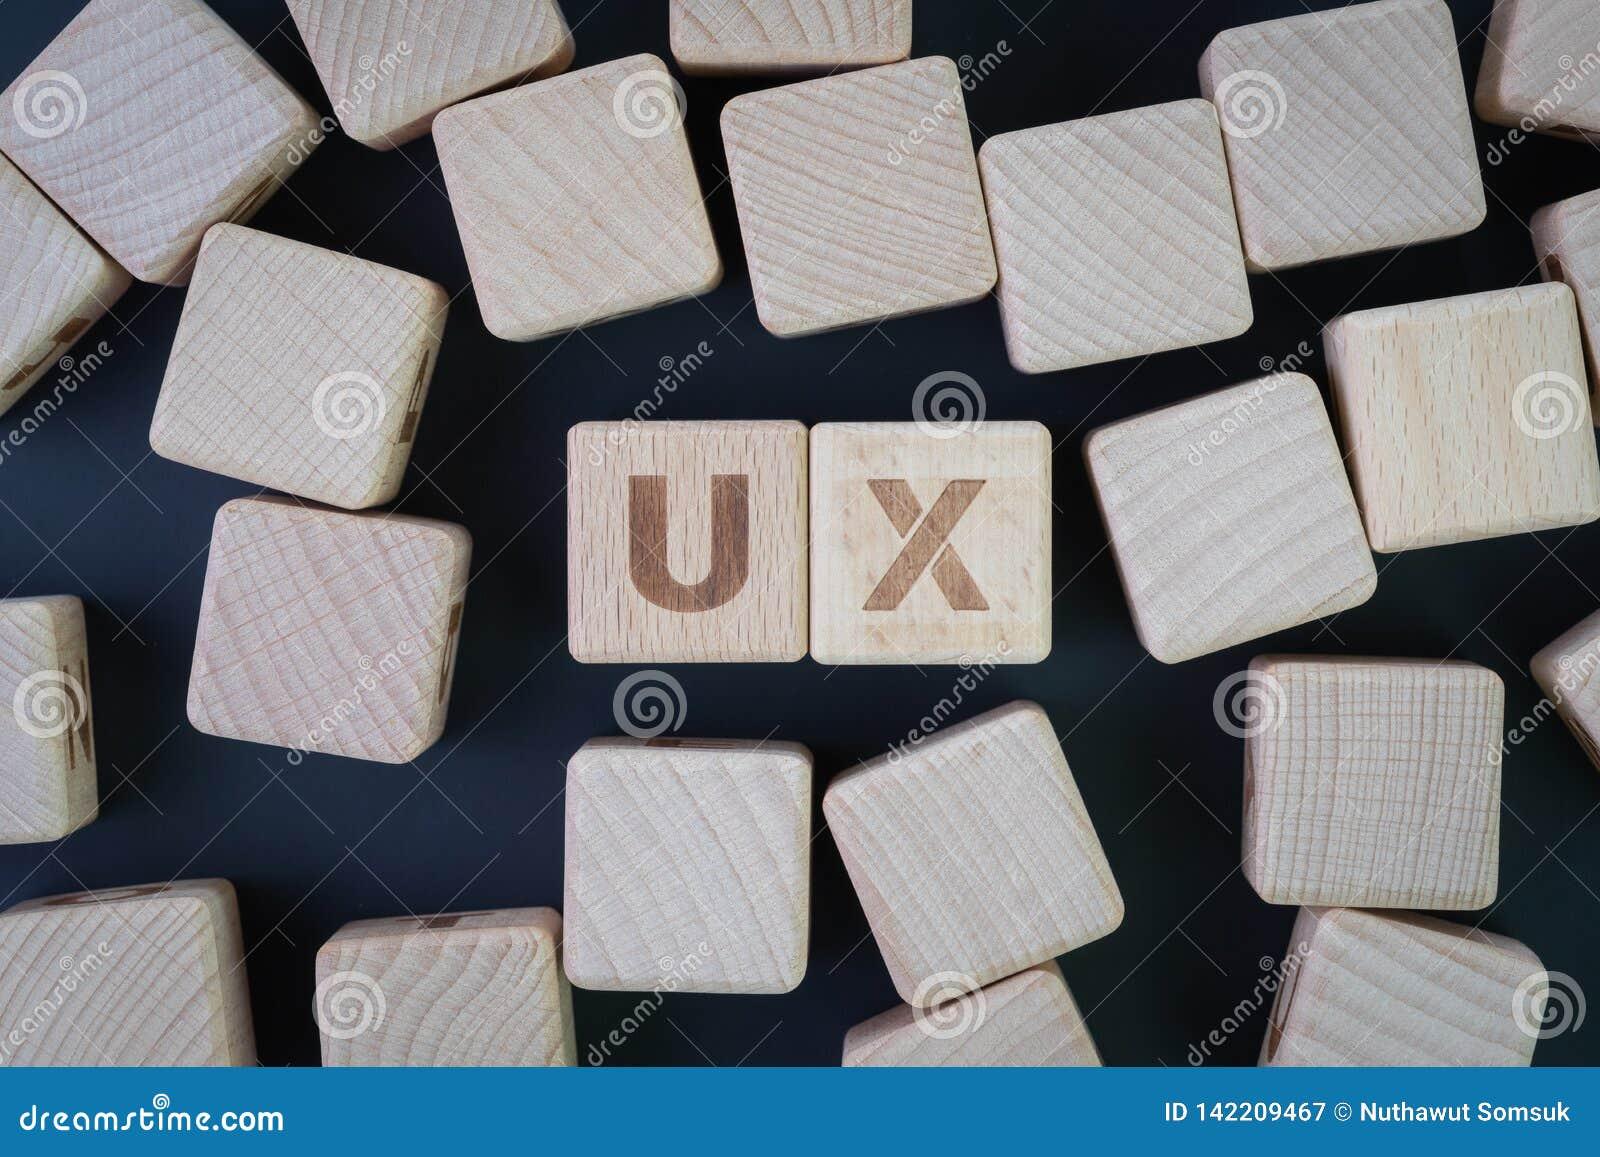 Het de het de vlakke gebruikerservaring, UX-ontwerp, bruikbaarheidstest of onderzoekconcept, leggen of hoogste mening van houten